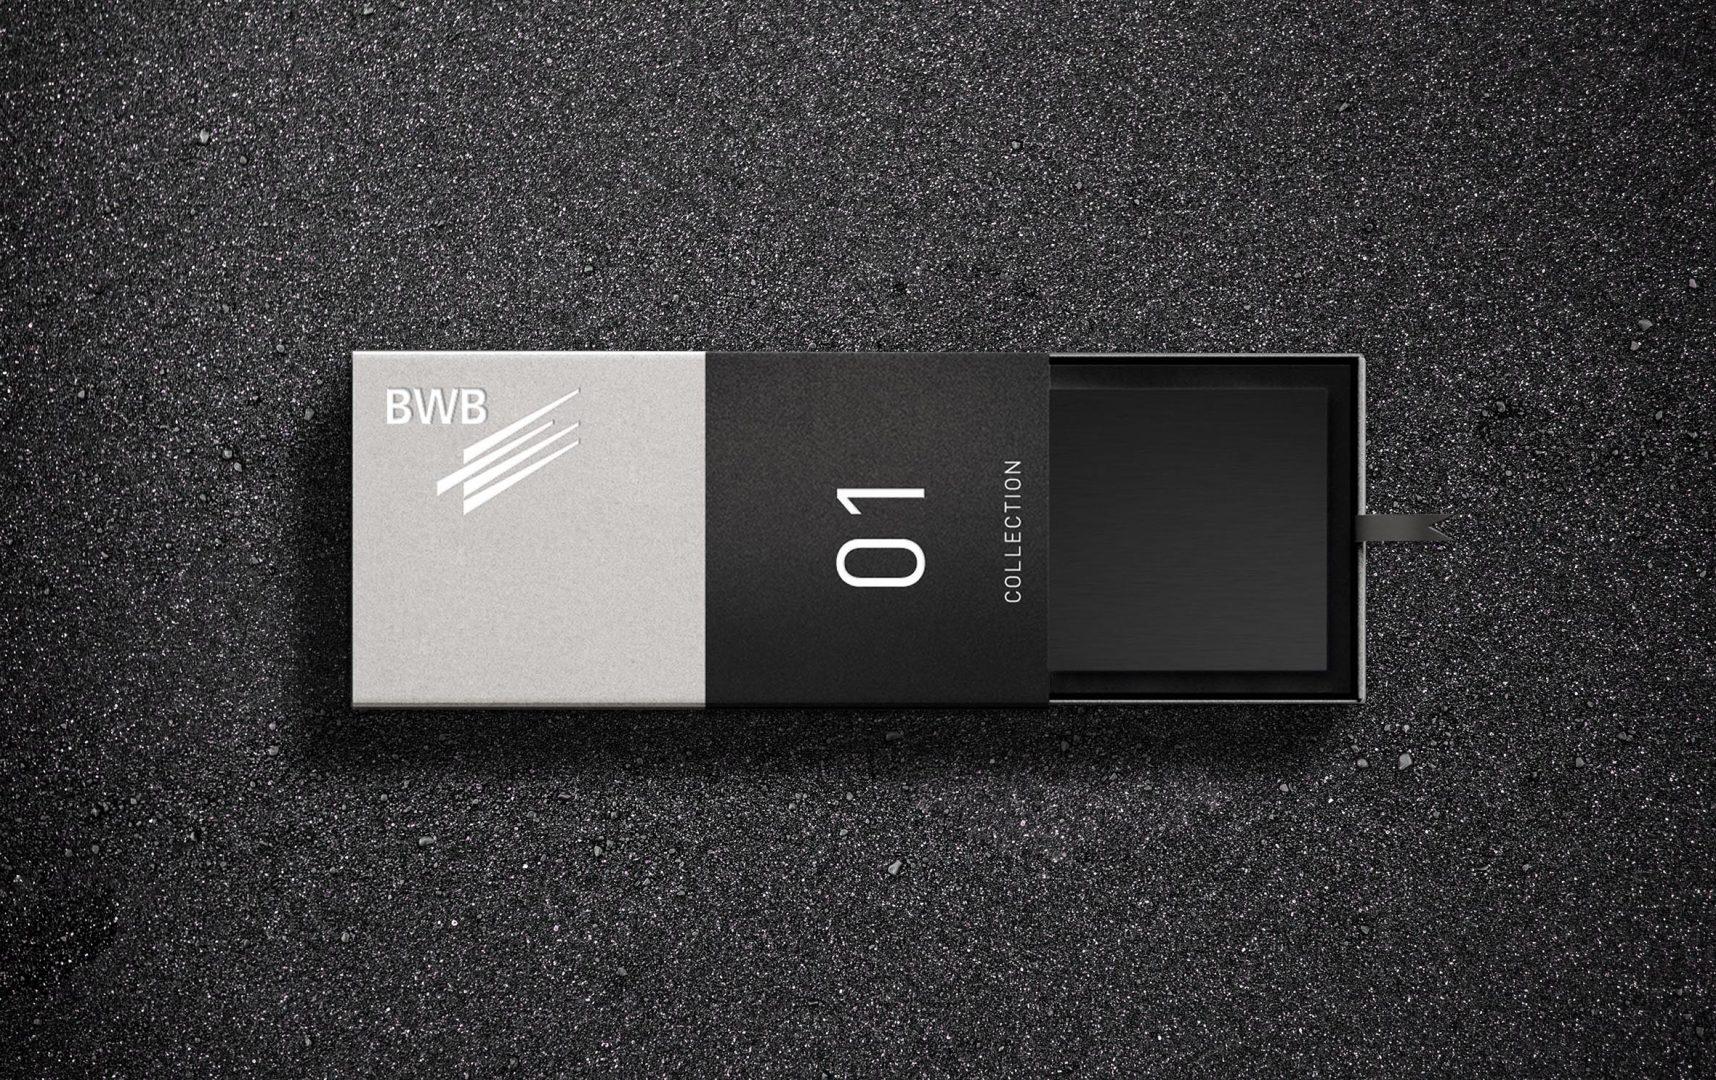 atelier-522-BWB-3